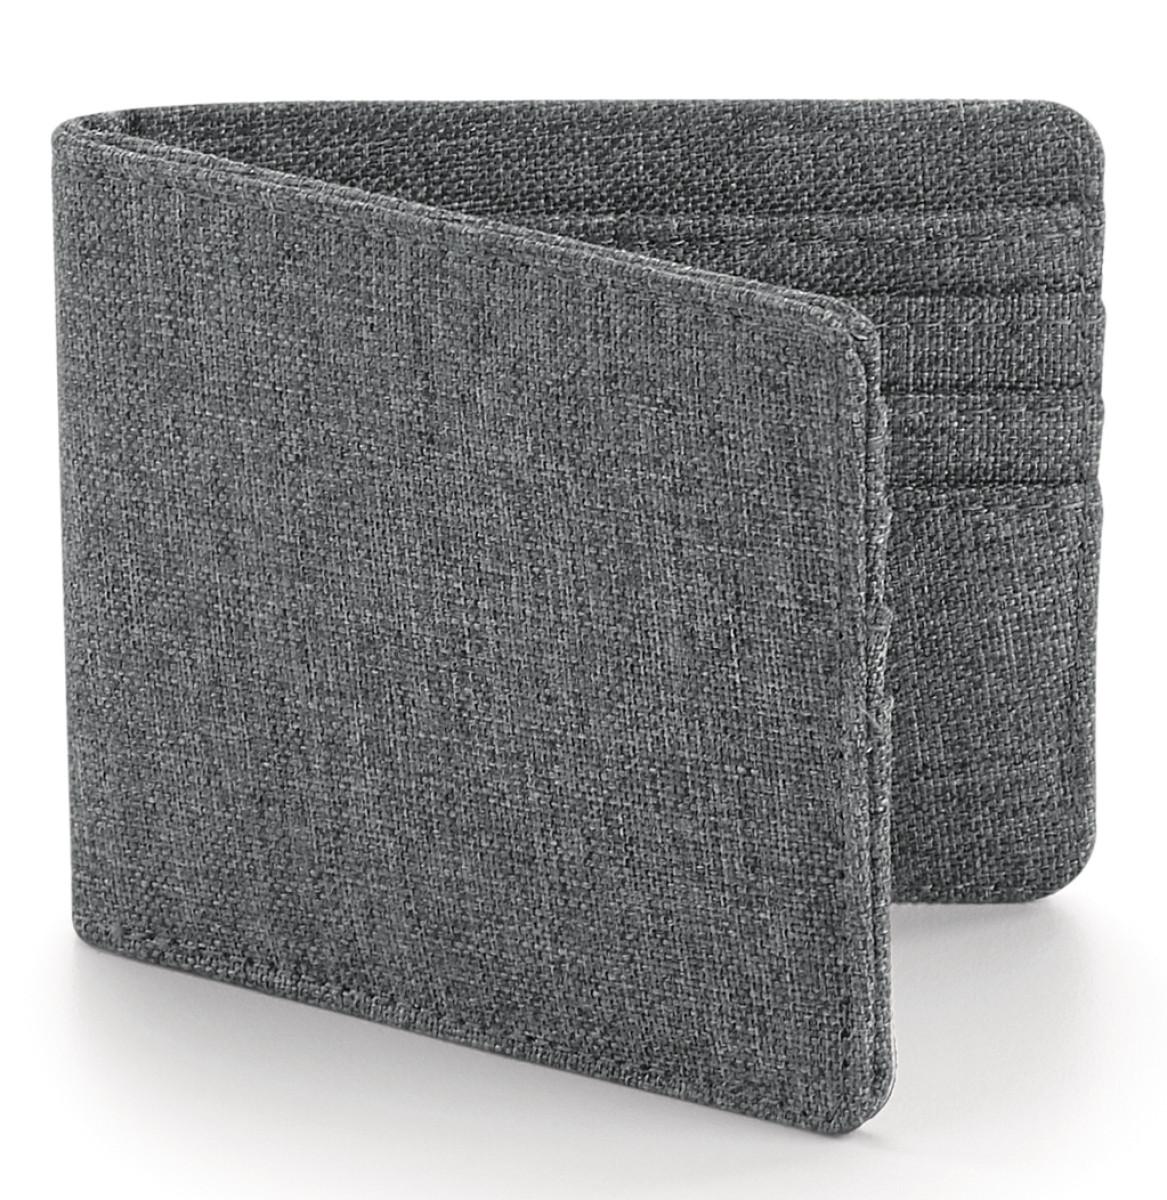 Bagbase Essential Card Wallet